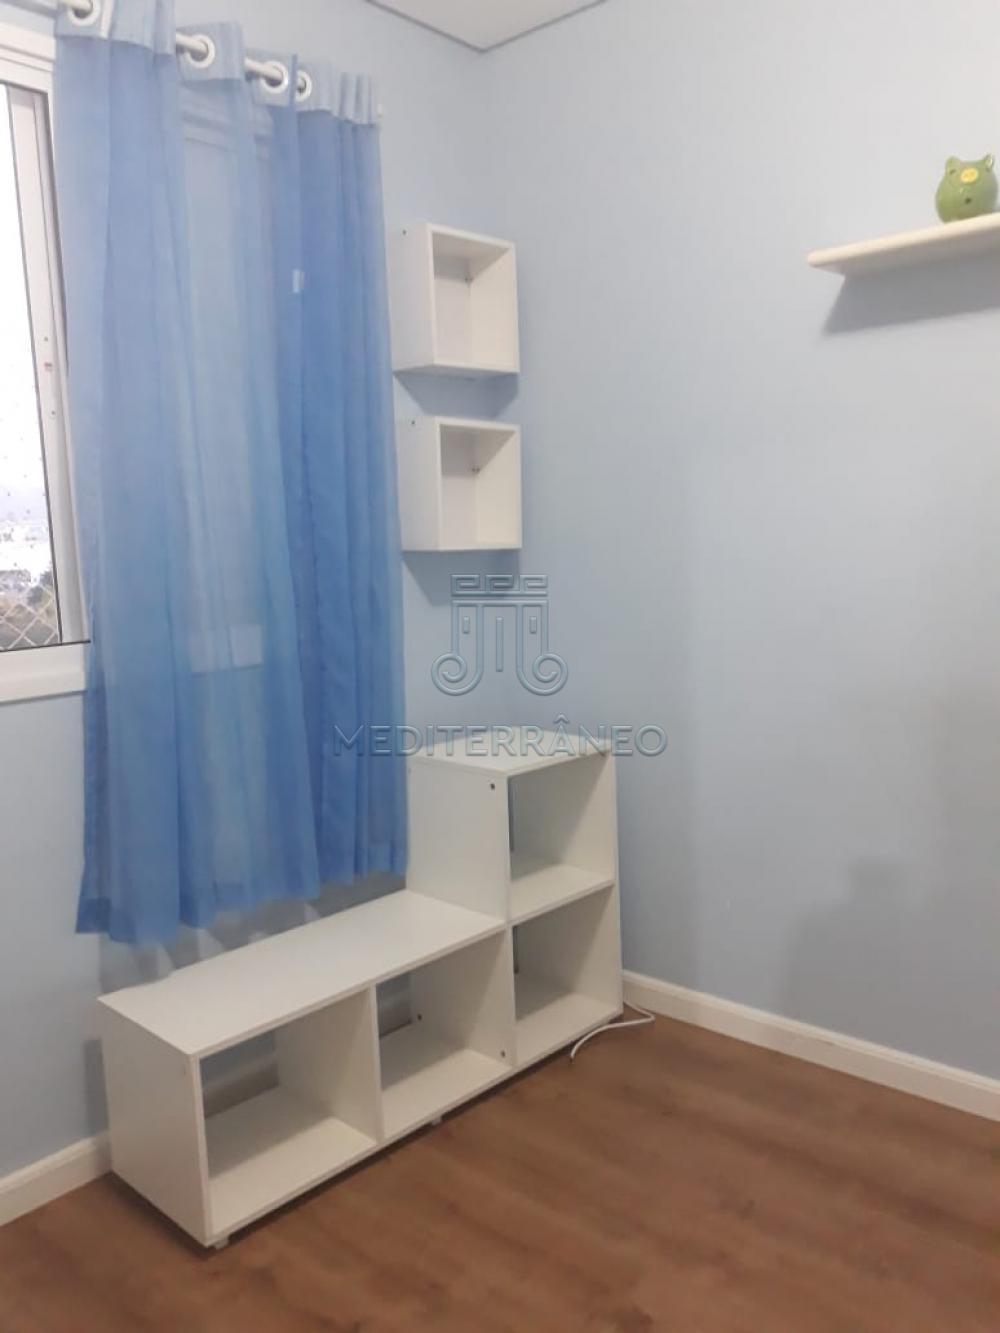 Alugar Apartamento / Padrão em Jundiaí apenas R$ 2.600,00 - Foto 6